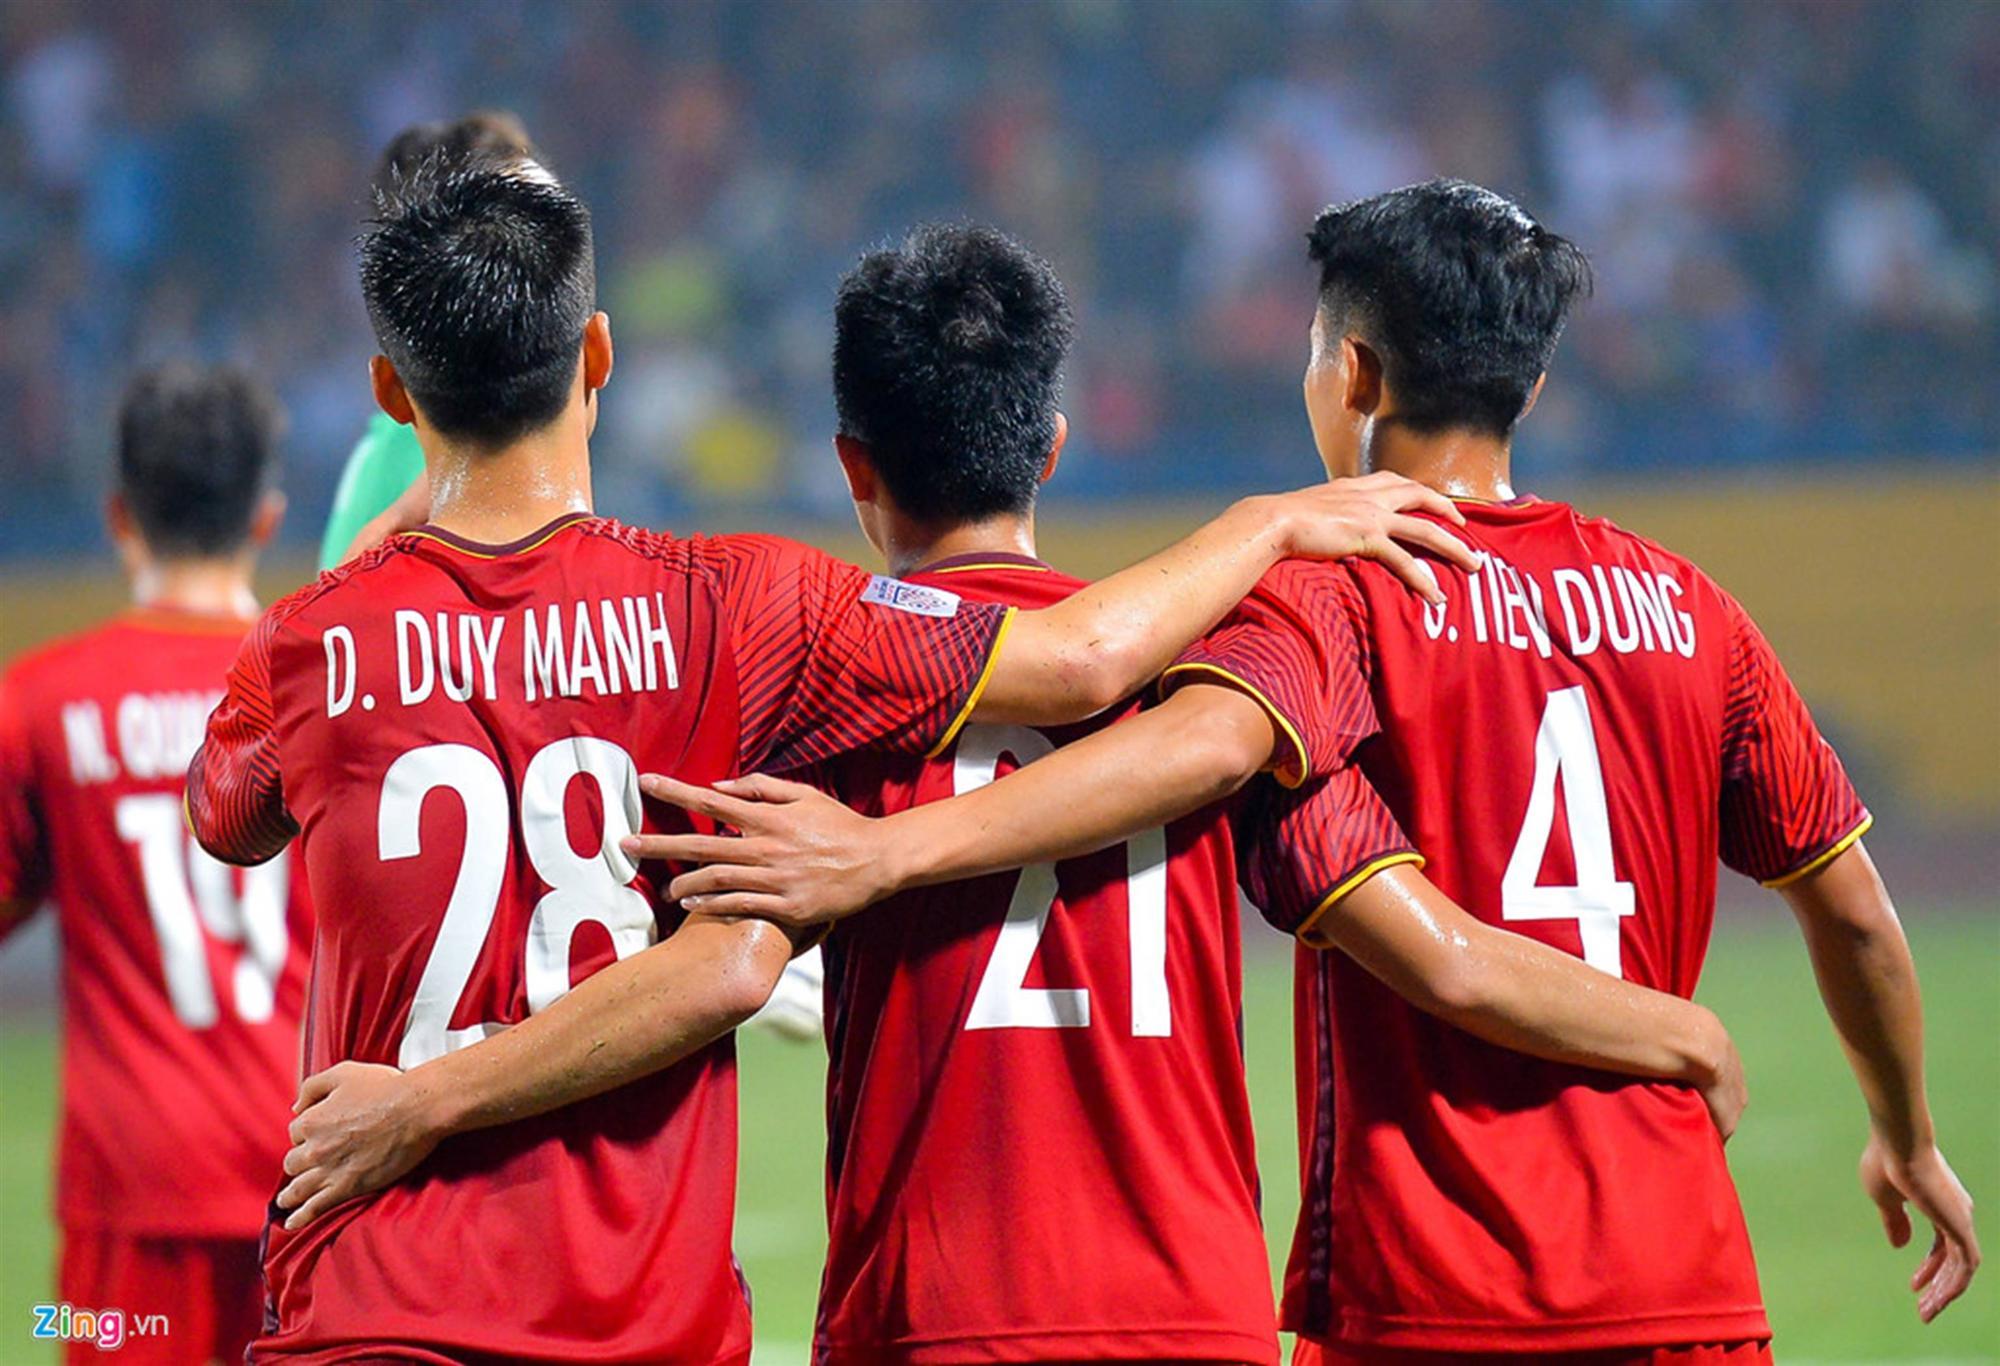 HLV Park và 2 năm đưa bóng đá Việt Nam lên bản đồ châu lục-1